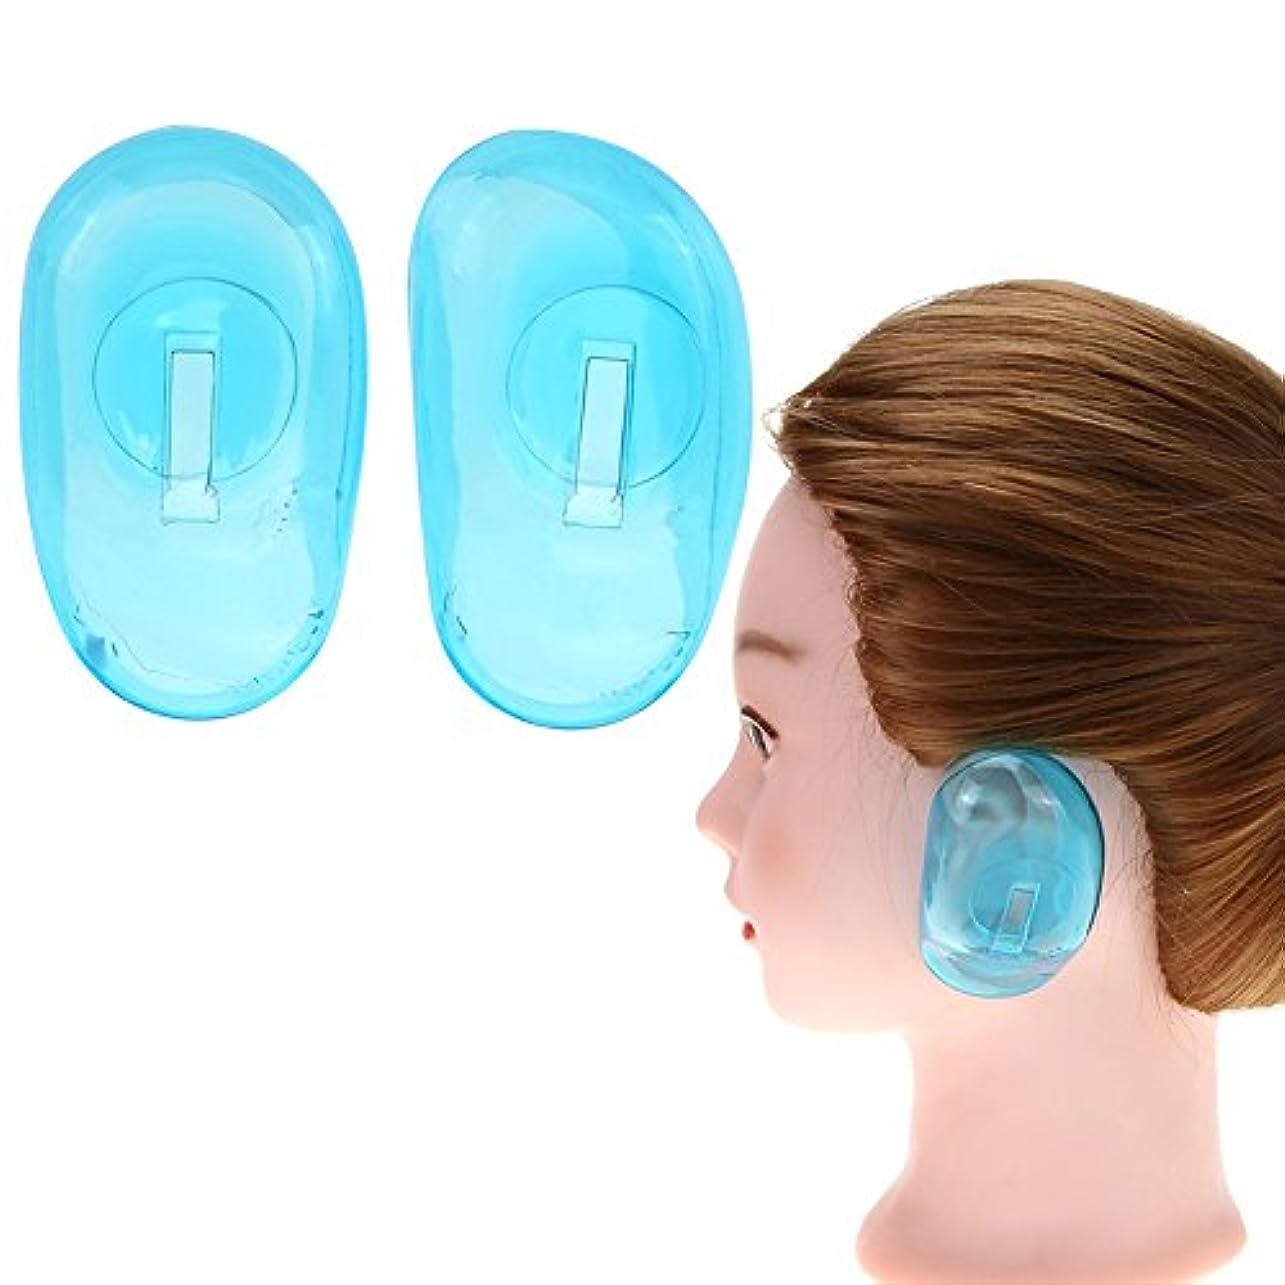 反射不純病気Ruier-tong 5ペア耳カバー 毛染め用 シリコン製 耳キャップ 柔らかいイヤーキャップ ヘアカラー シャワー 耳保護 ヘアケアツール サロン 洗える 繰り返す使用可能 エコ 8.5x5cm